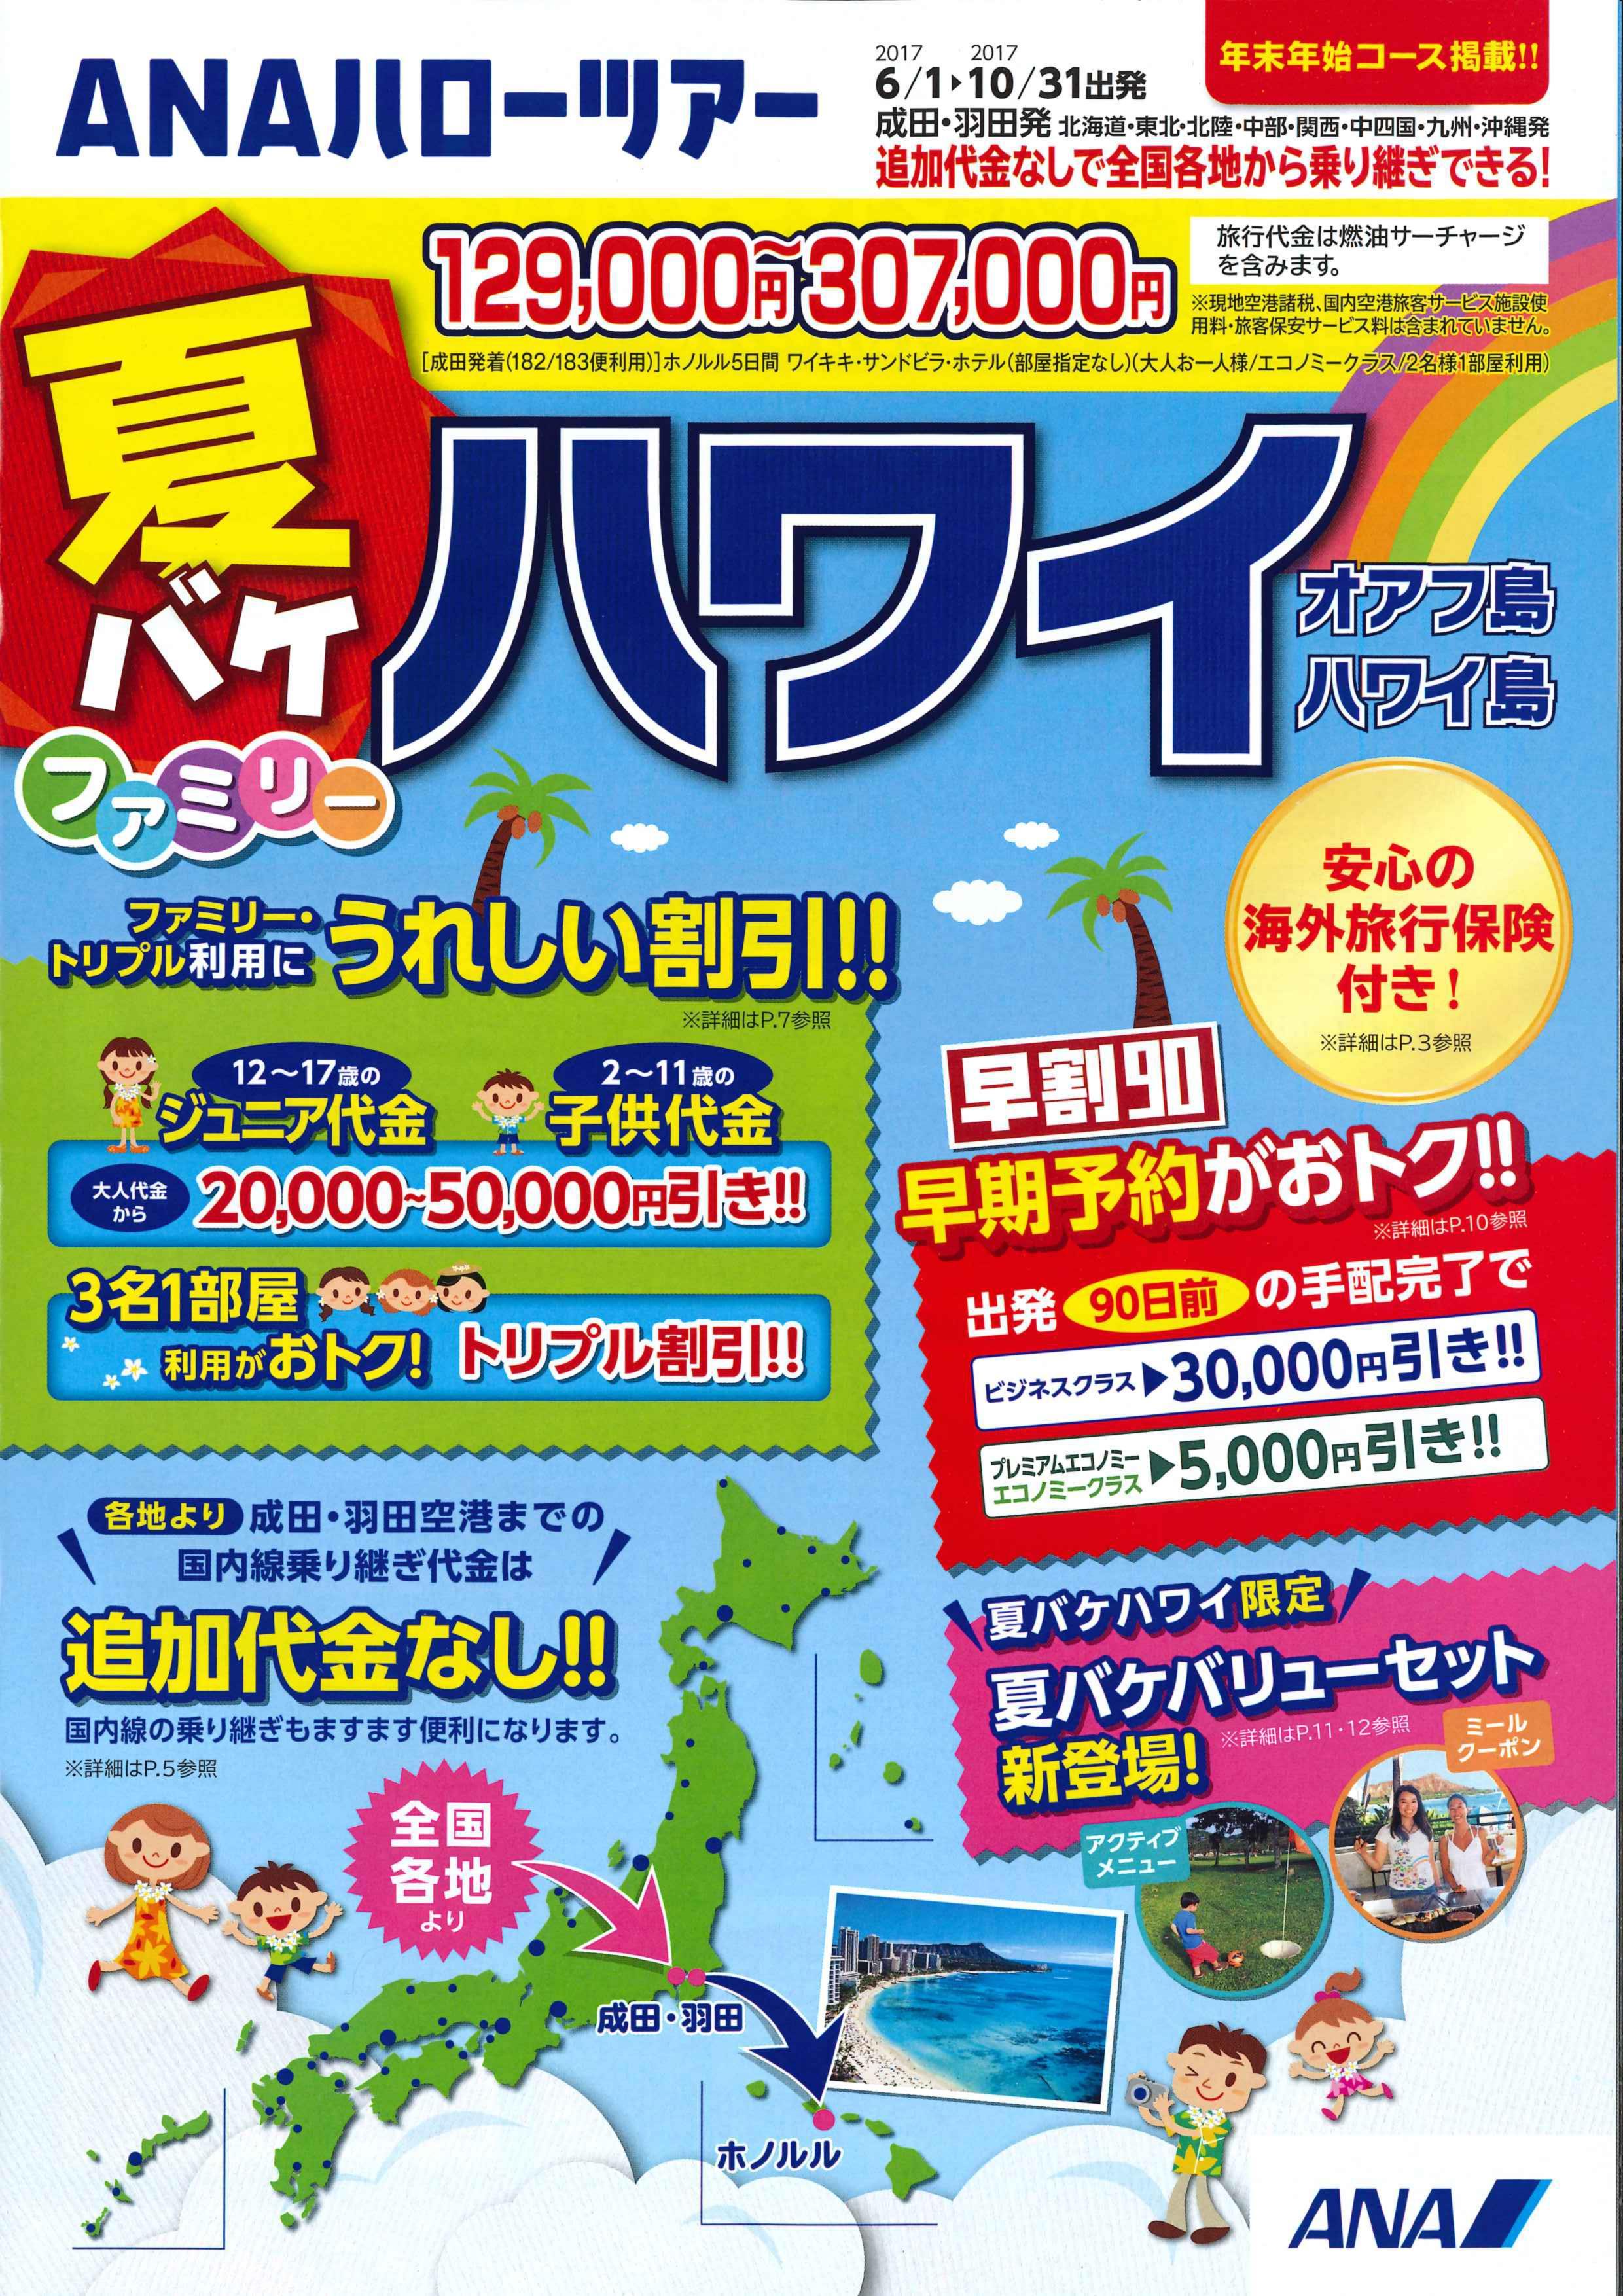 http://www.nakashibetsu-airport.jp/%E3%83%8F%E3%83%AF%E3%82%A4.jpg